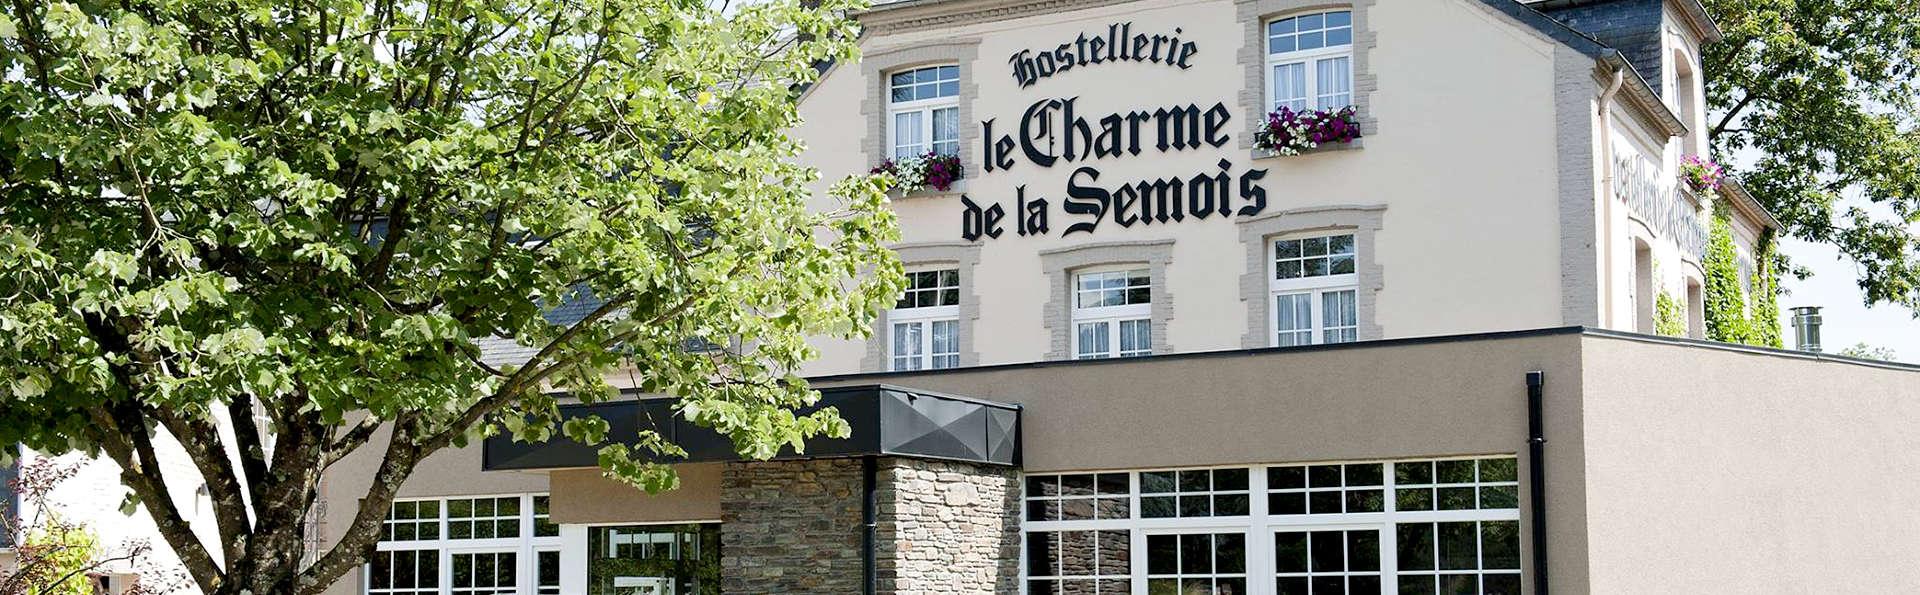 Hostellerie Le Charme de la Semois - Edit_Front4.jpg